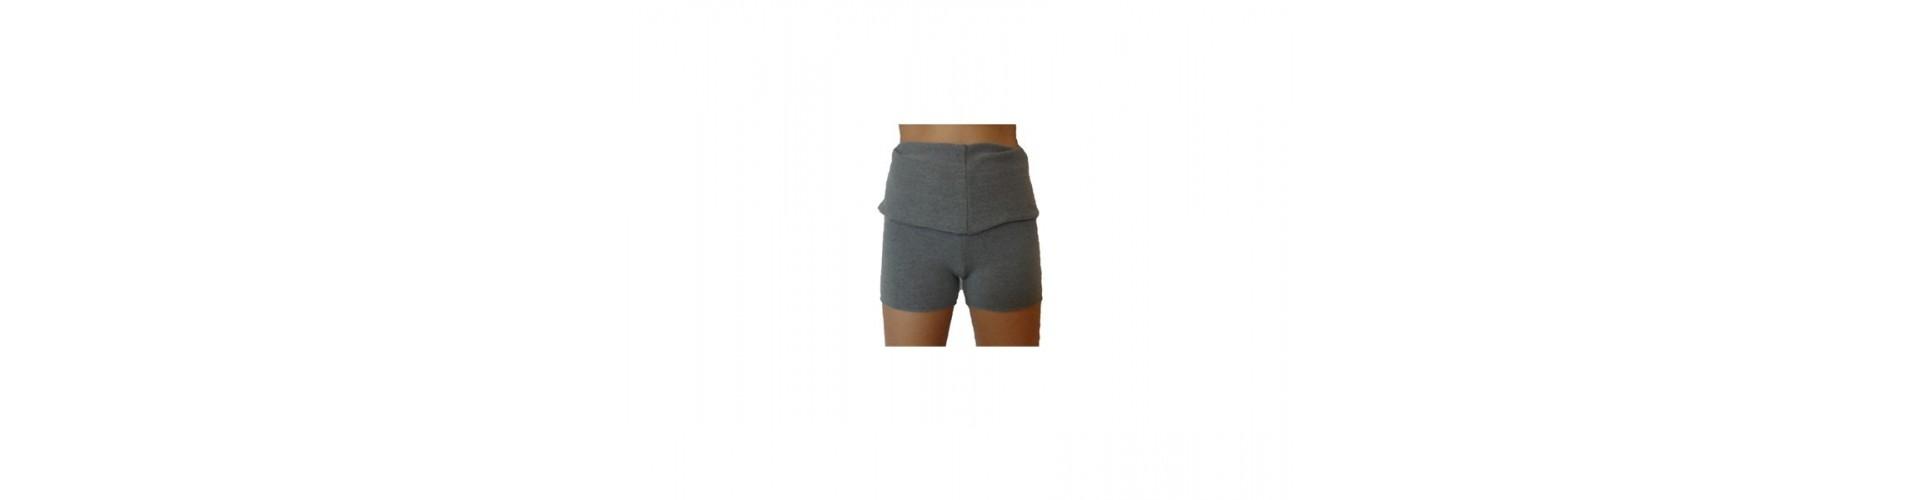 Pantalons et shorts de danse pour l échauffement (2) c9ffa3f22c9